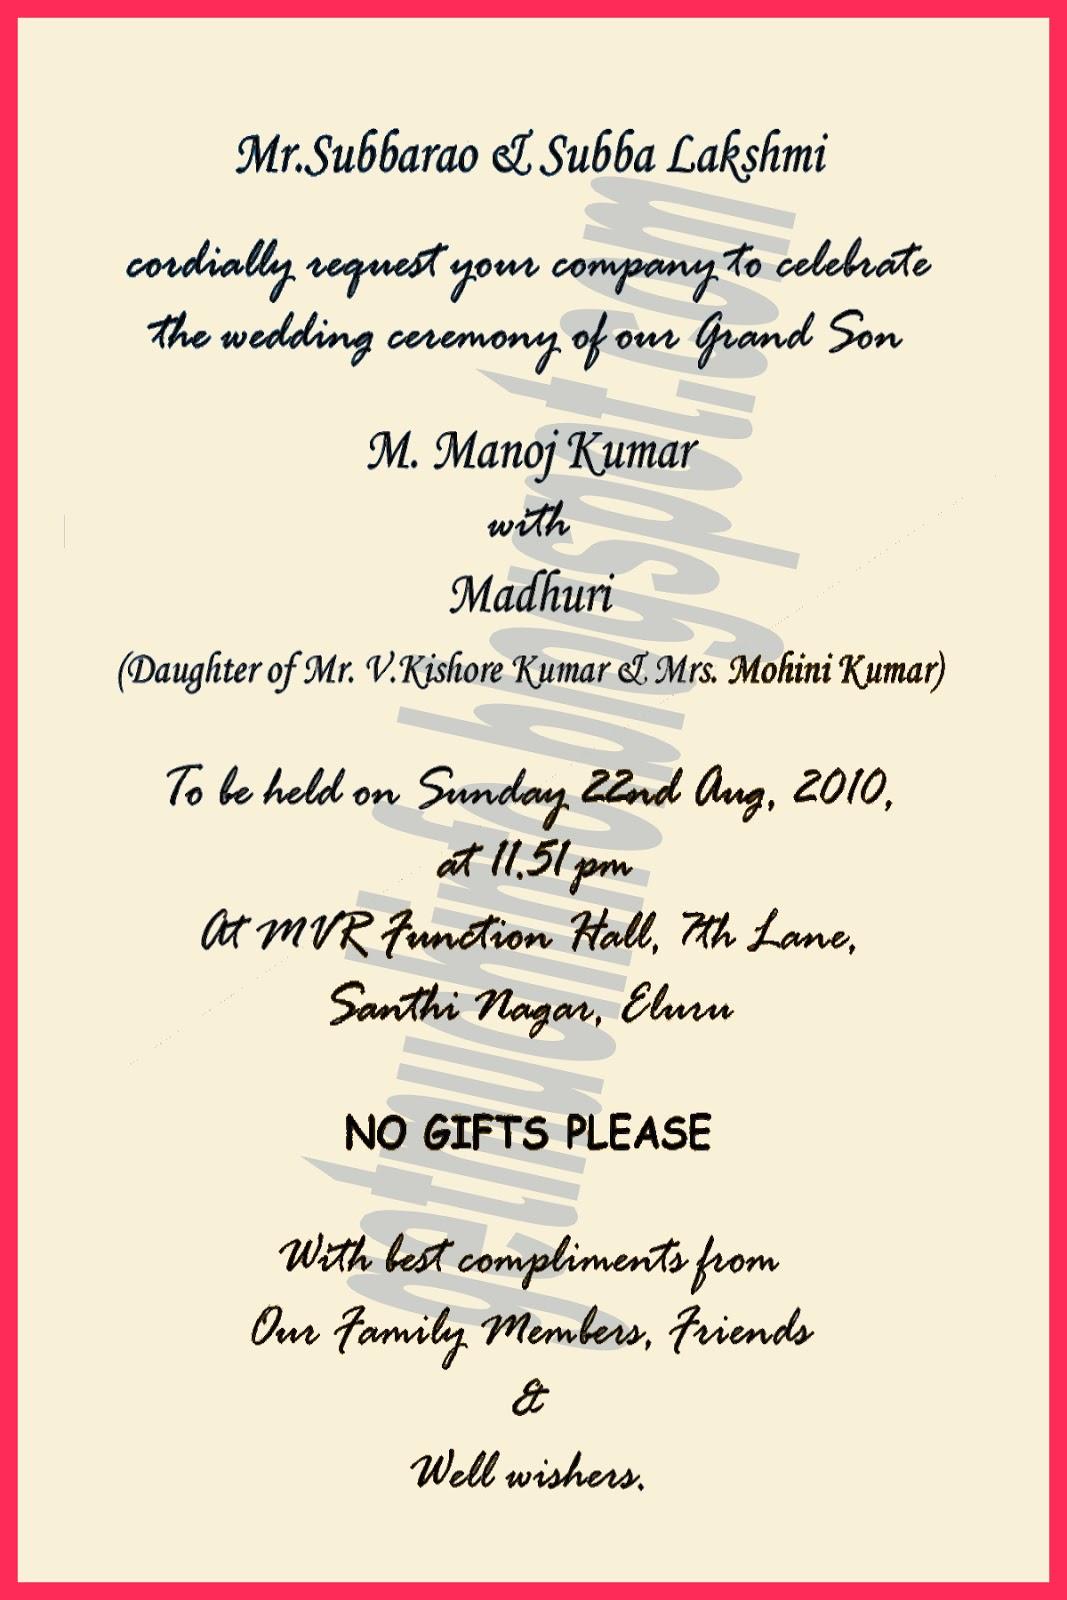 Wedding Invitation In English Matter | PaperInvite